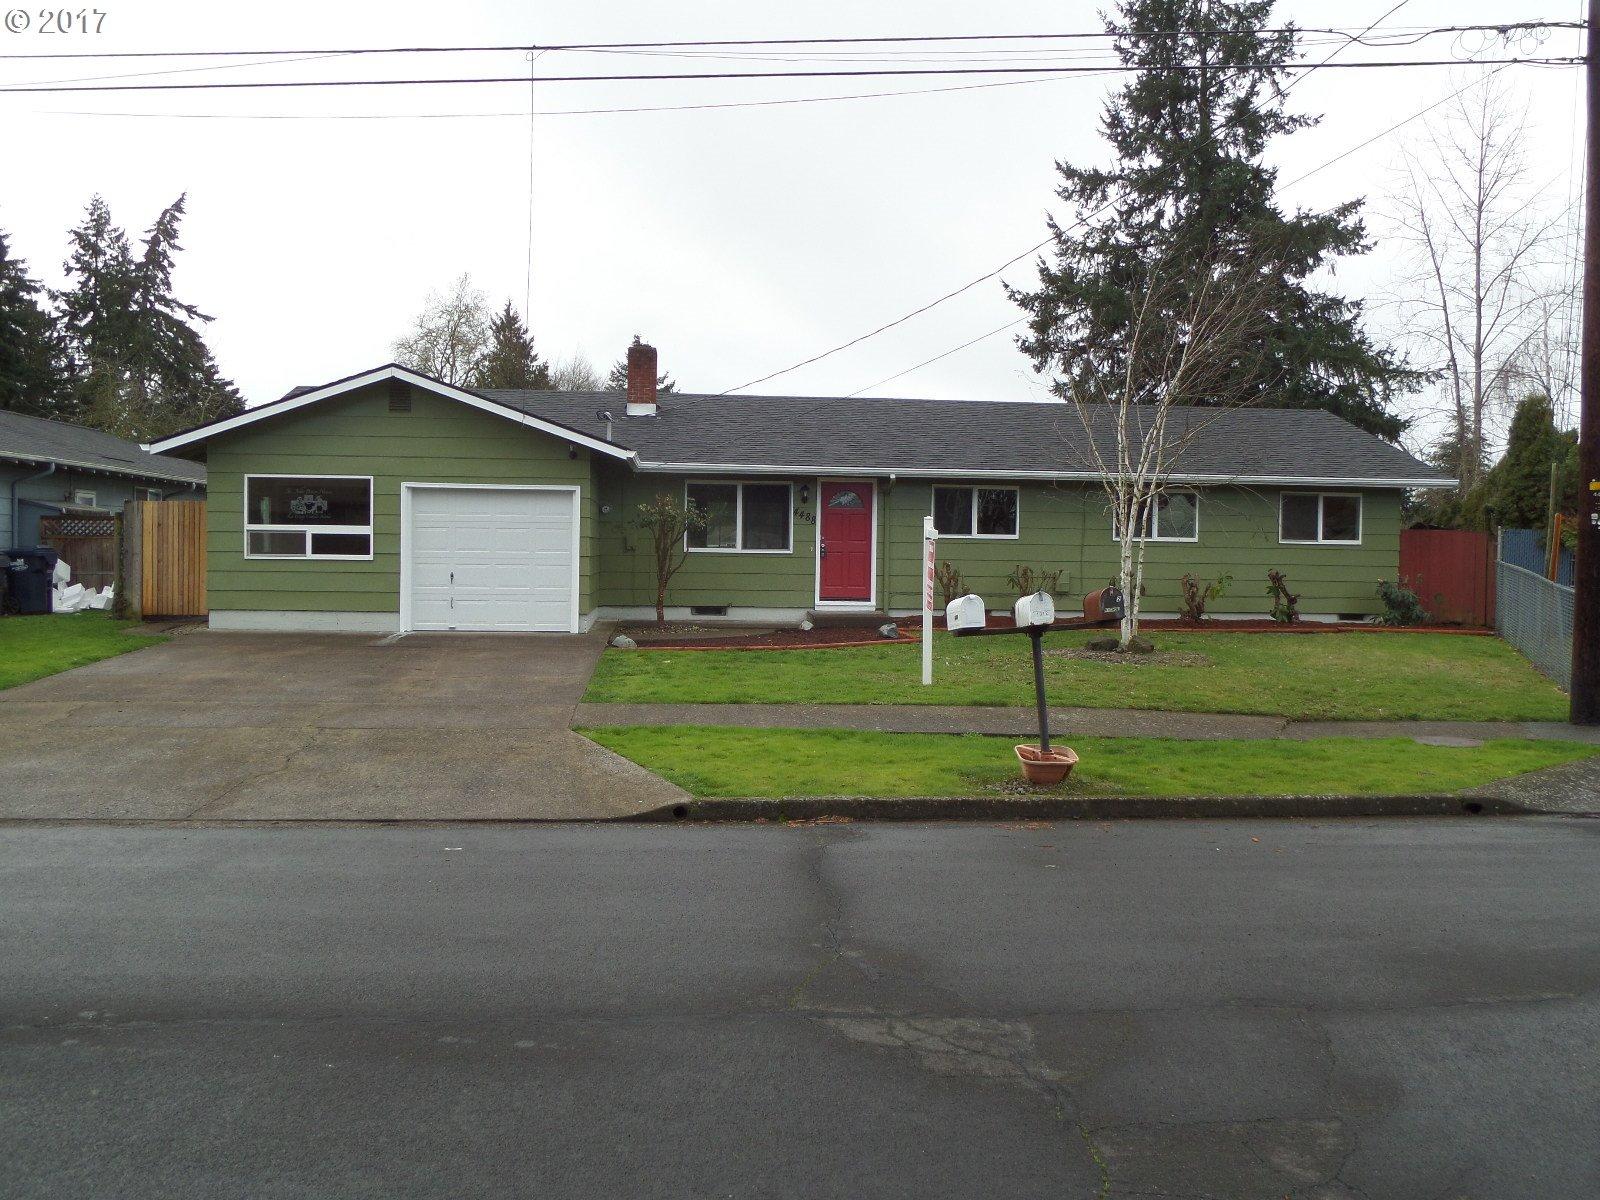 4488 KNOOP AVE, Eugene OR 97402